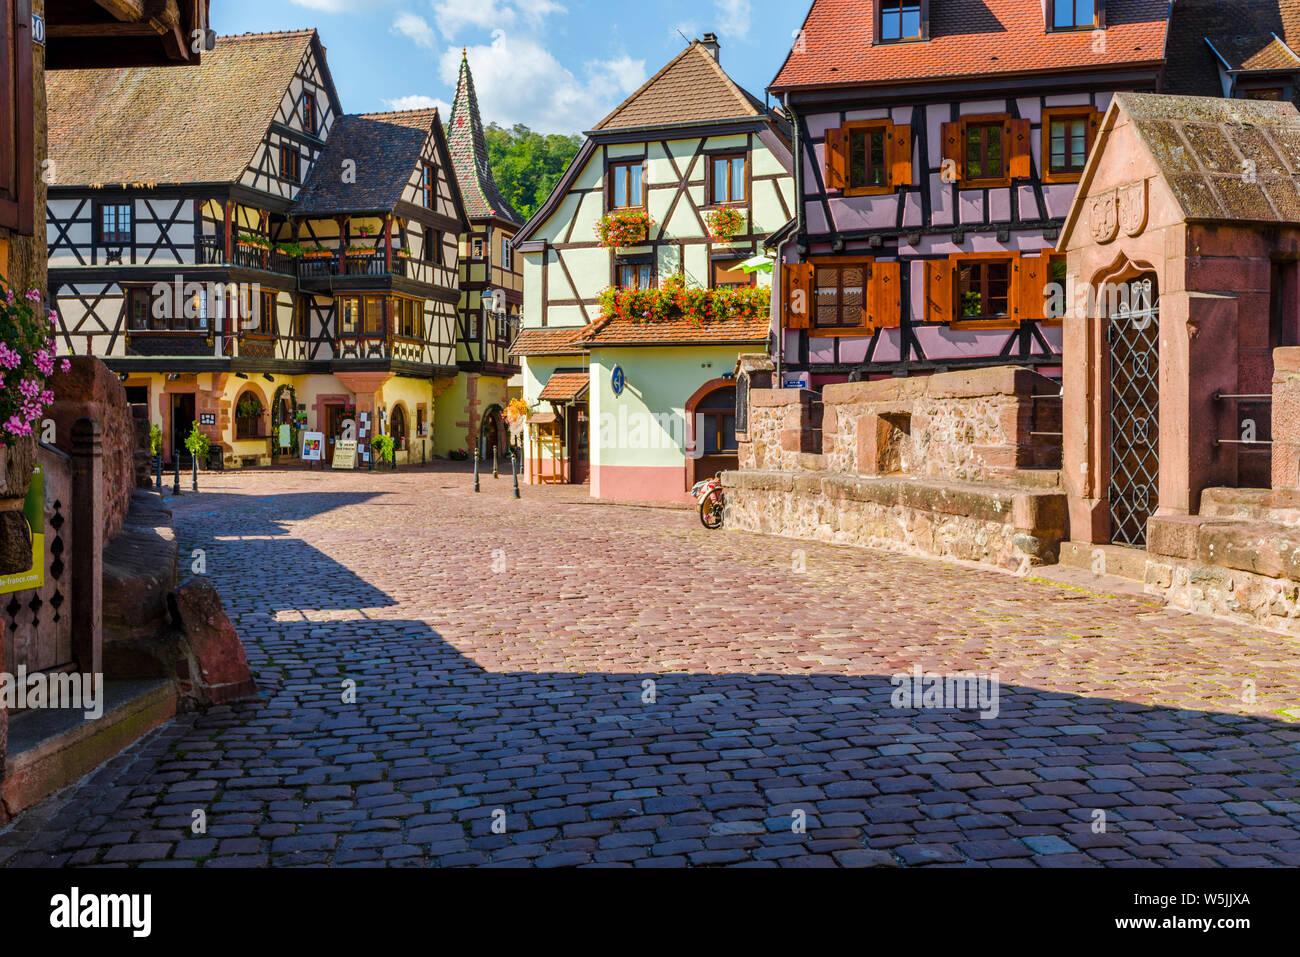 Malerische Altstadt, im historischen Zentrum von Kaysersberg, Elsass, Frankreich, Altstadt mit bunten Fachwerkhäusern und steinerne Brücke Stockfoto